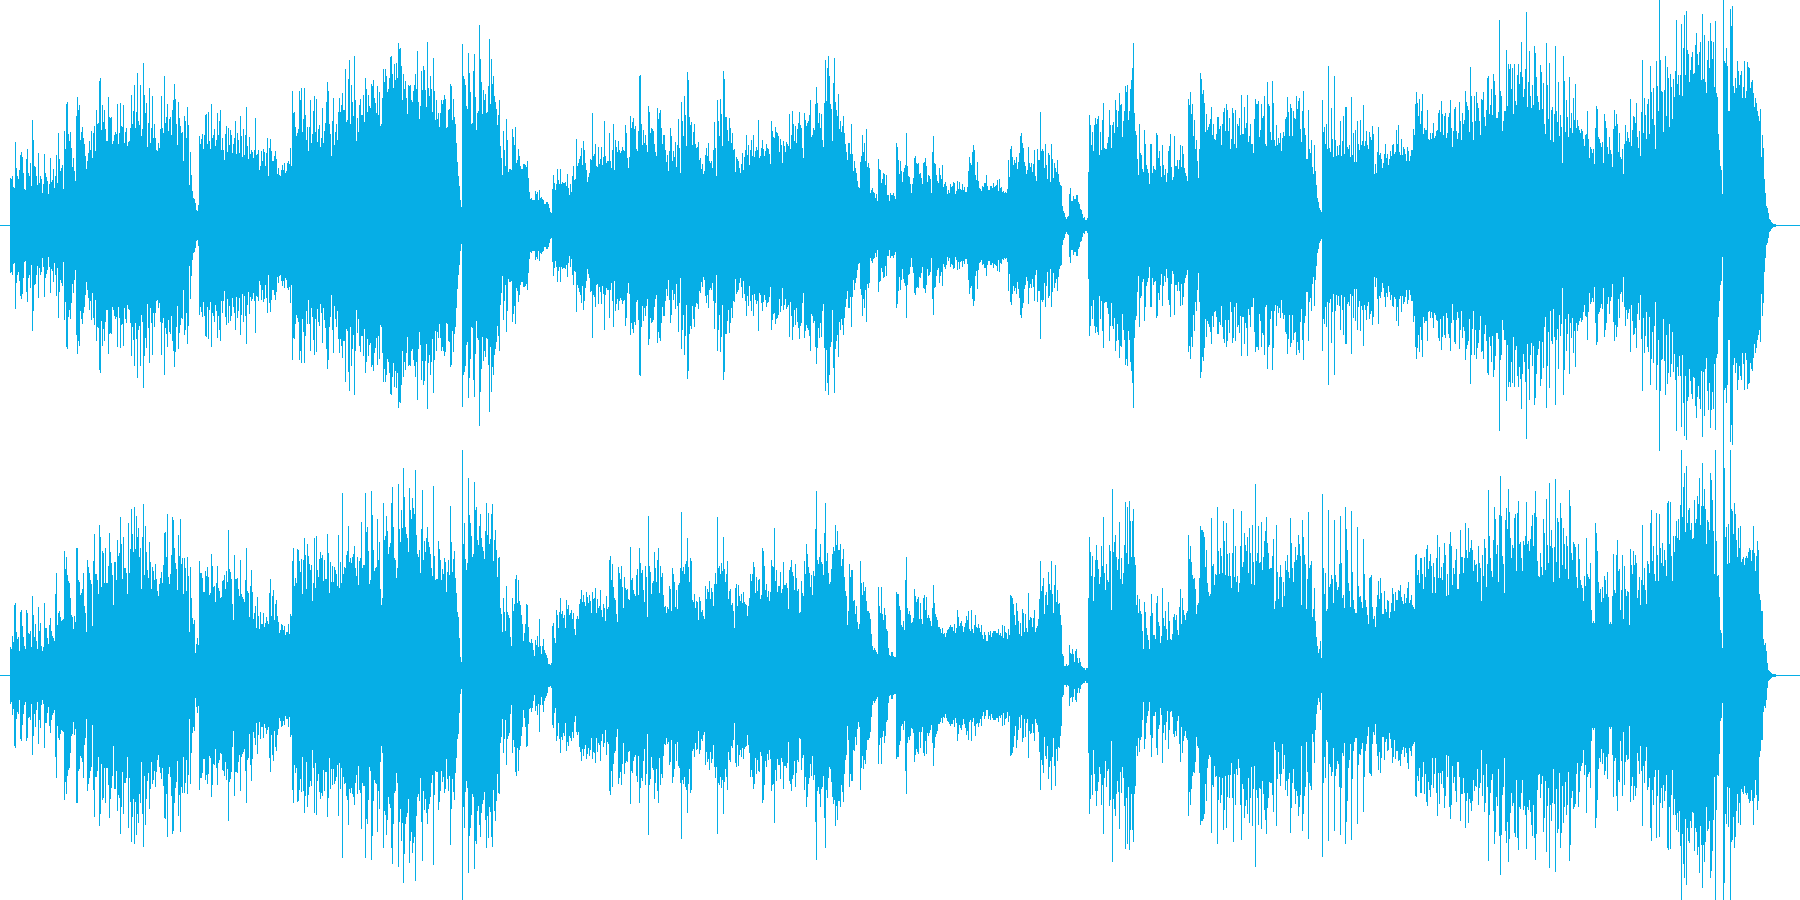 小組曲より第四楽章バレエの再生済みの波形